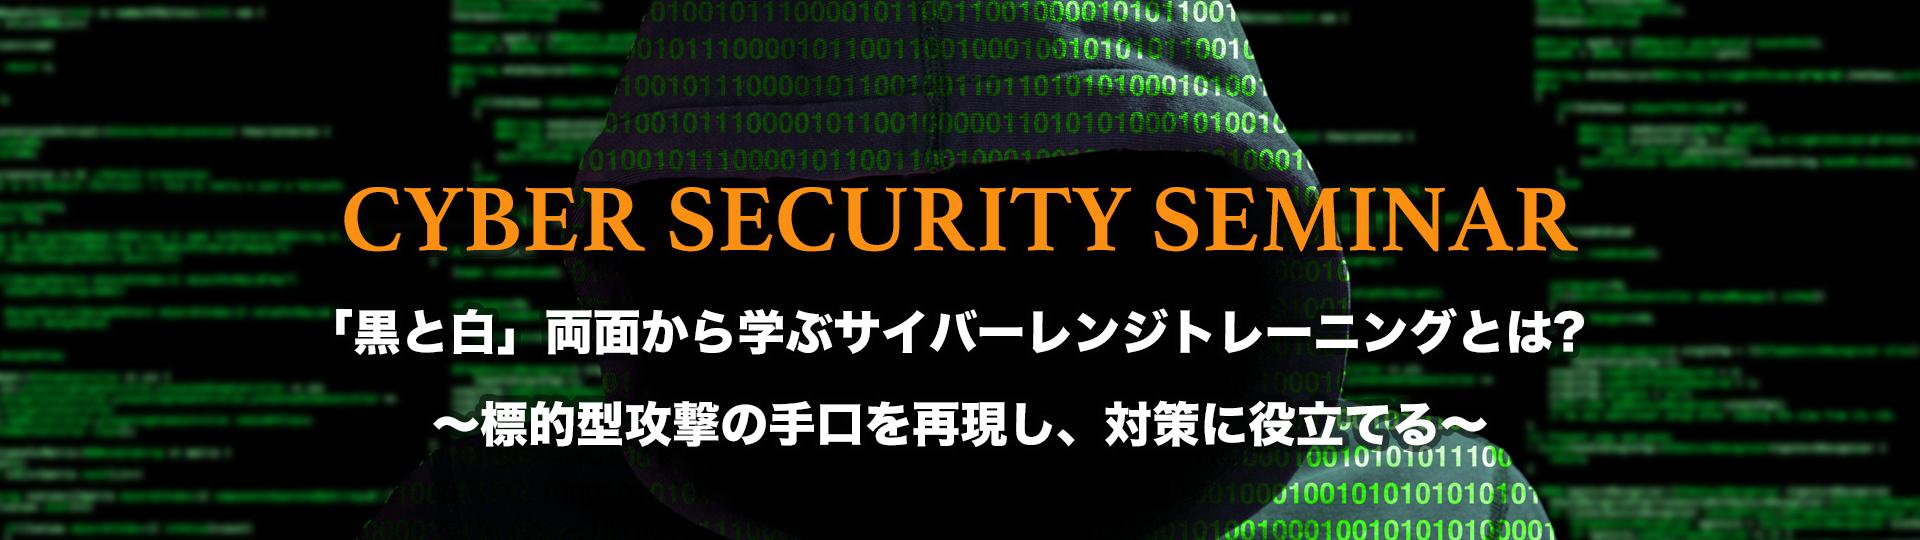 サイバーセキュリティーセミナー